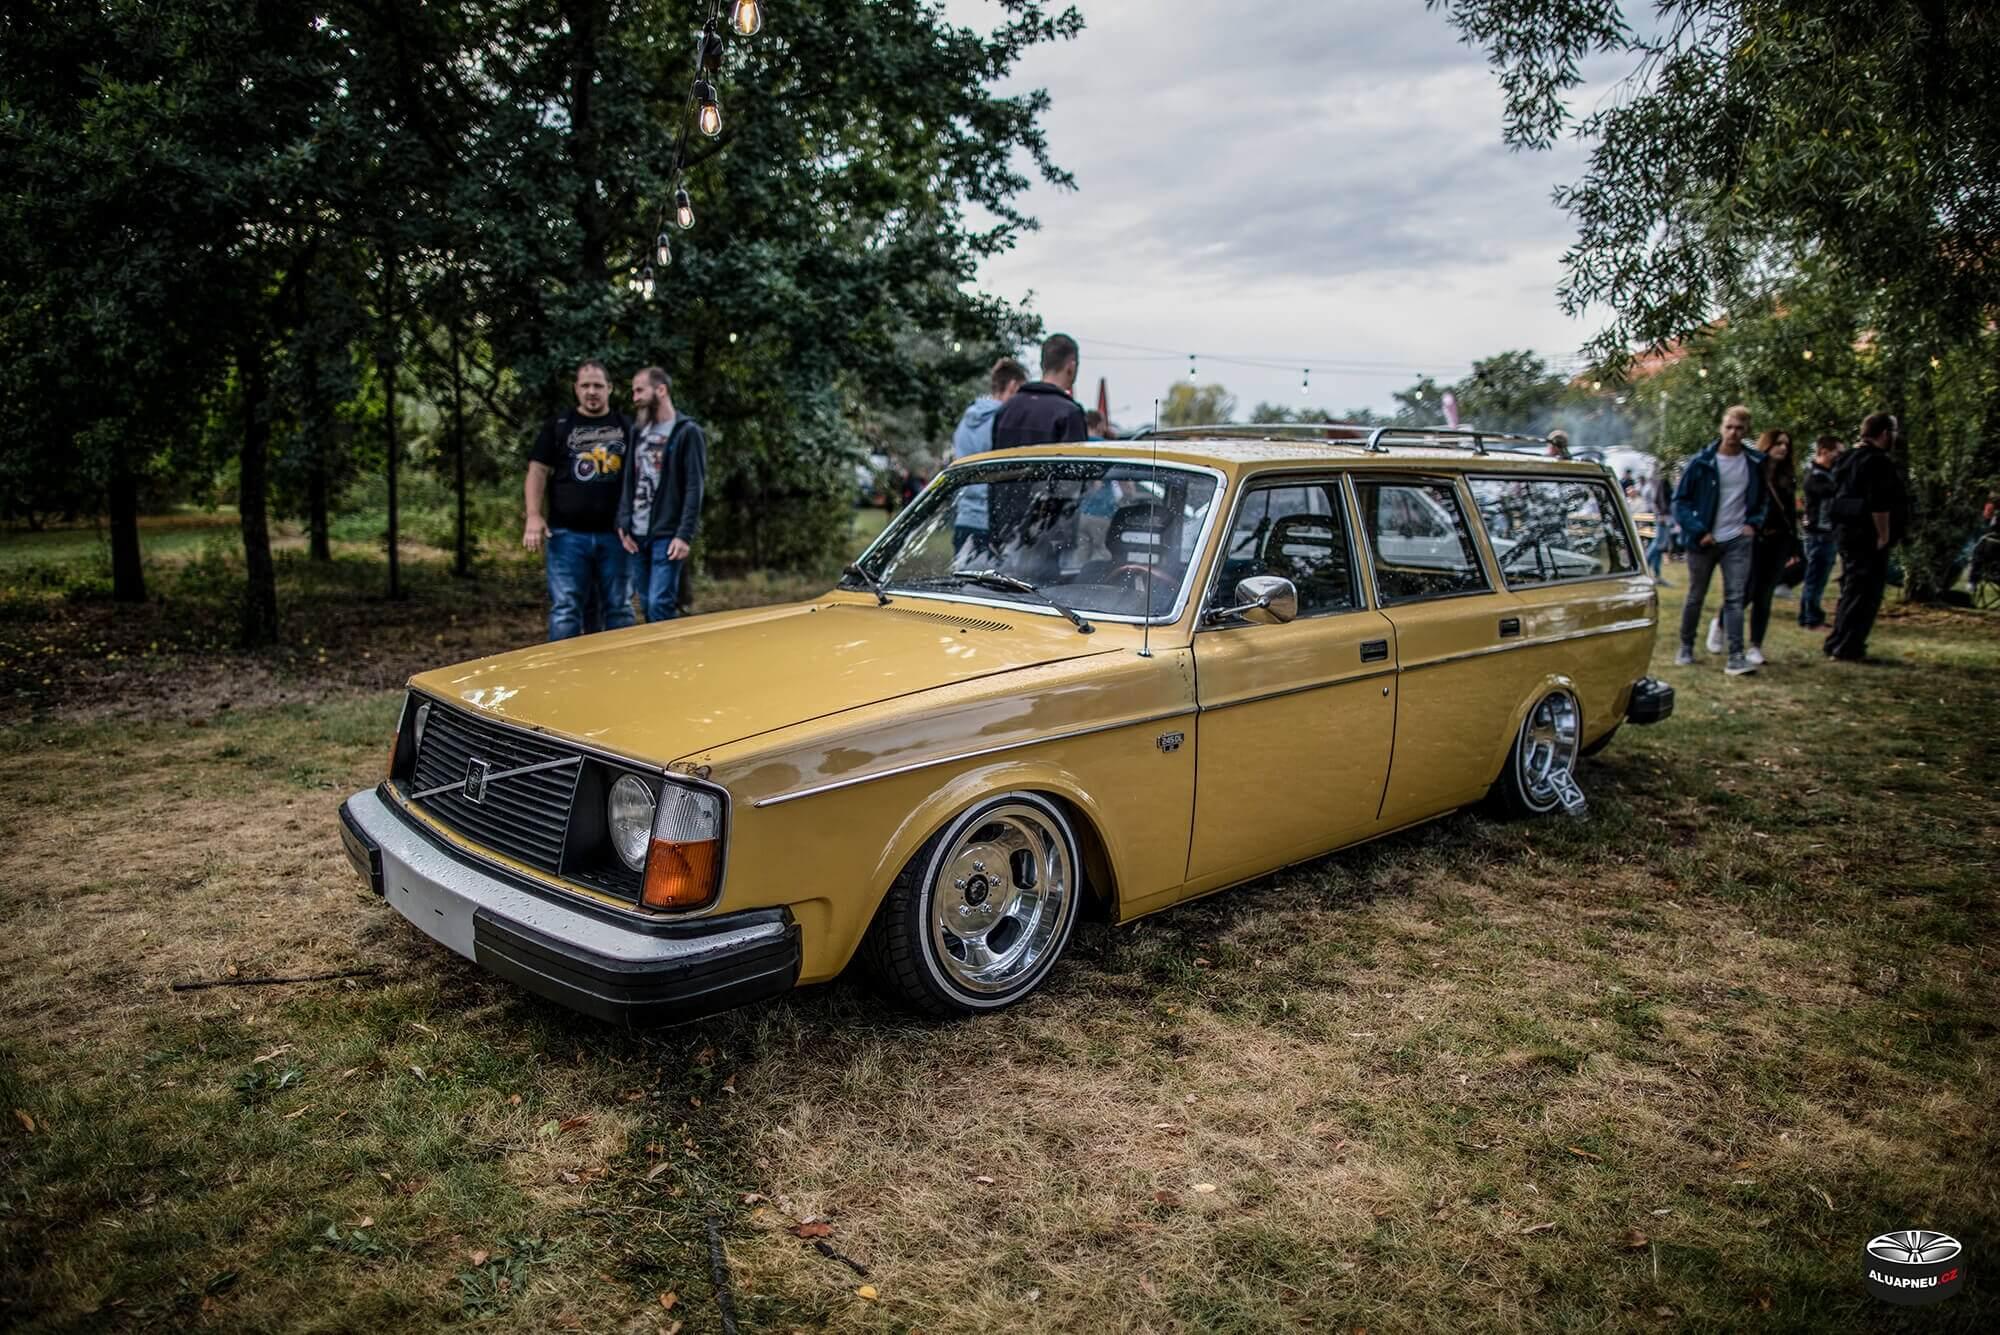 Alu kola Volvo 244 - XS Classic Carnight 5.0 - Drážďany tuning sraz 2019 - www.aluapneu.cz